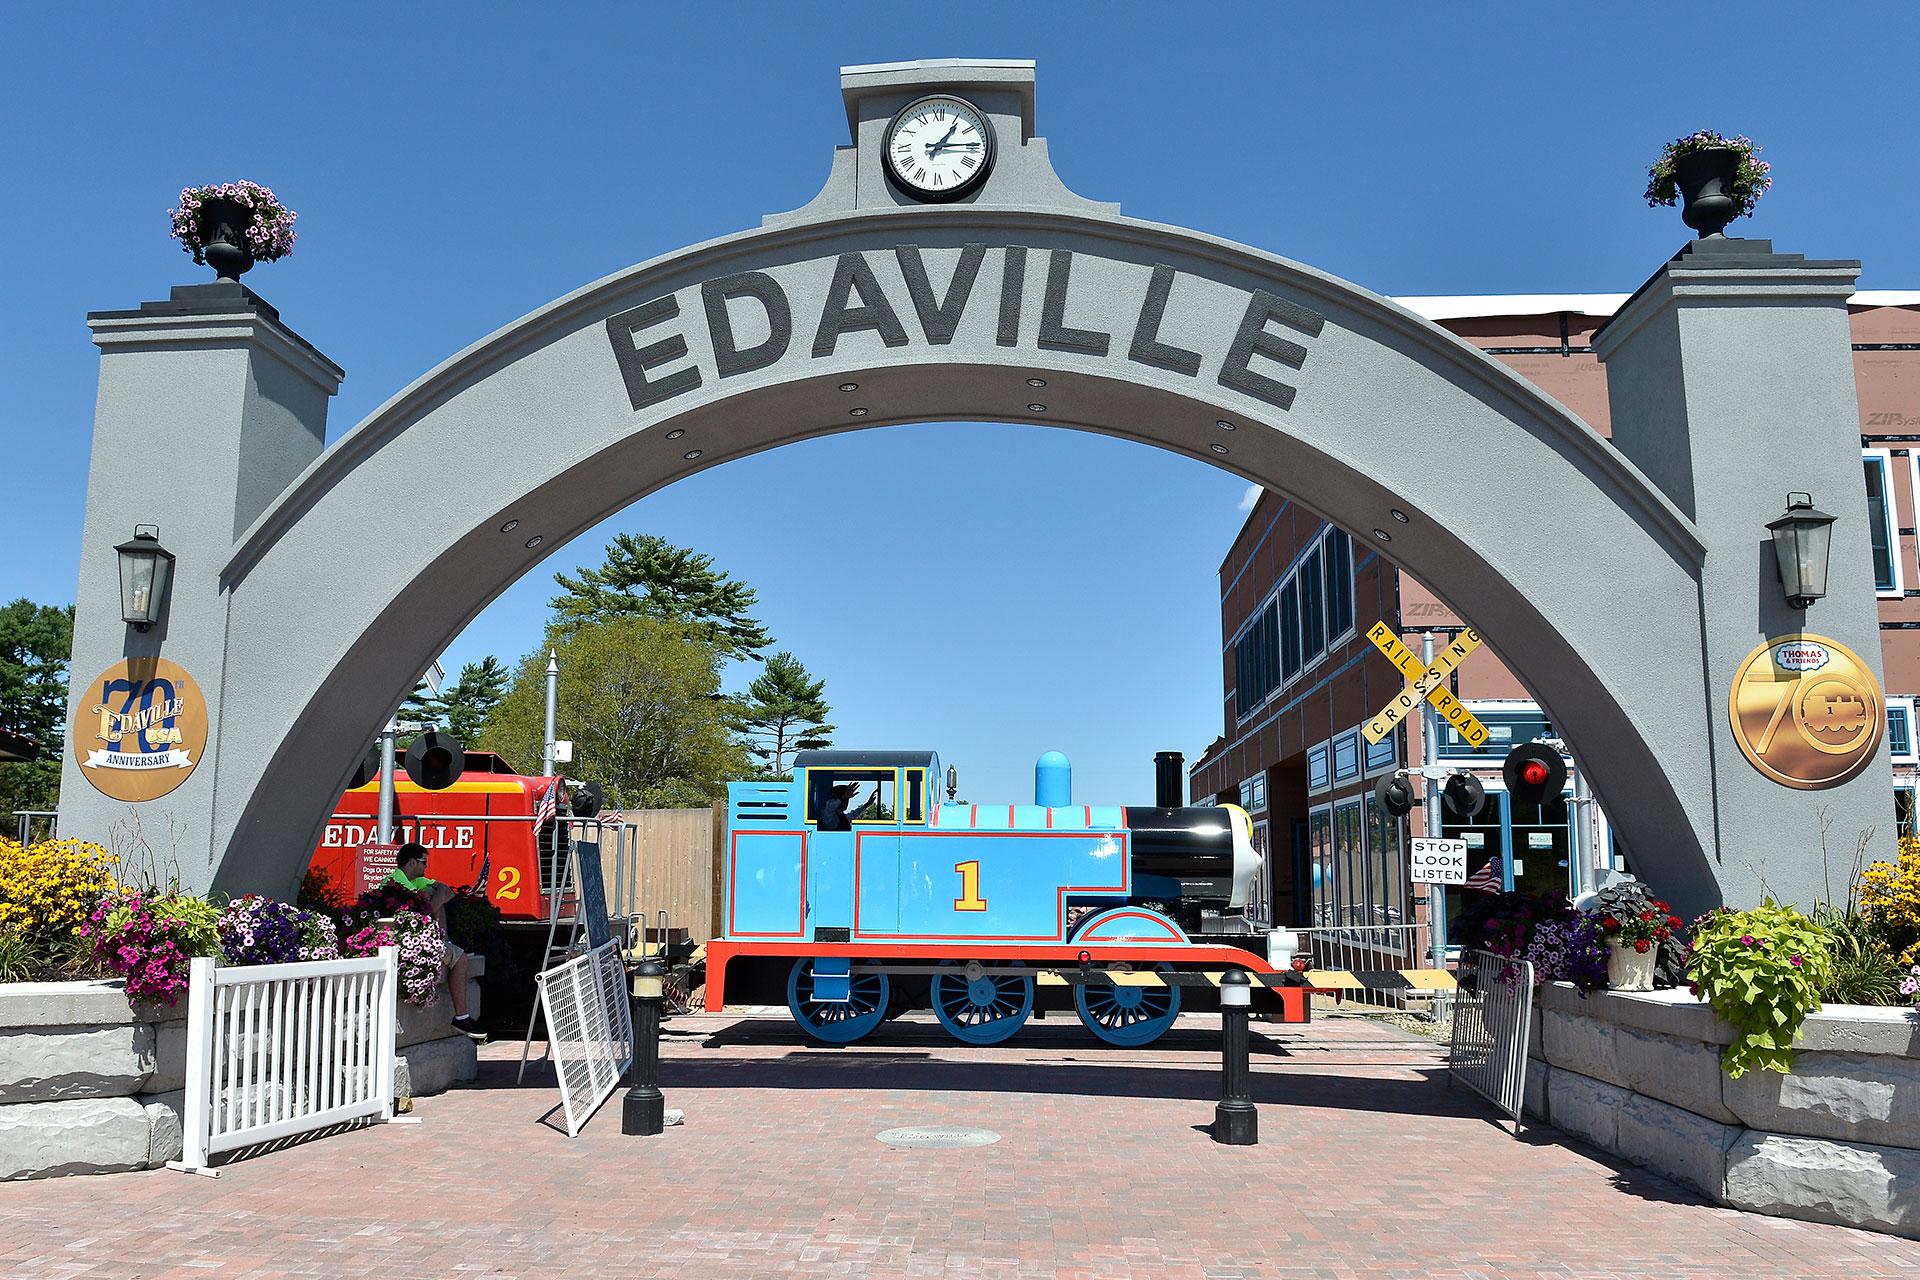 Thomas Land at Edaville Family Theme Park; Courtesy of Edaville Family Theme Park